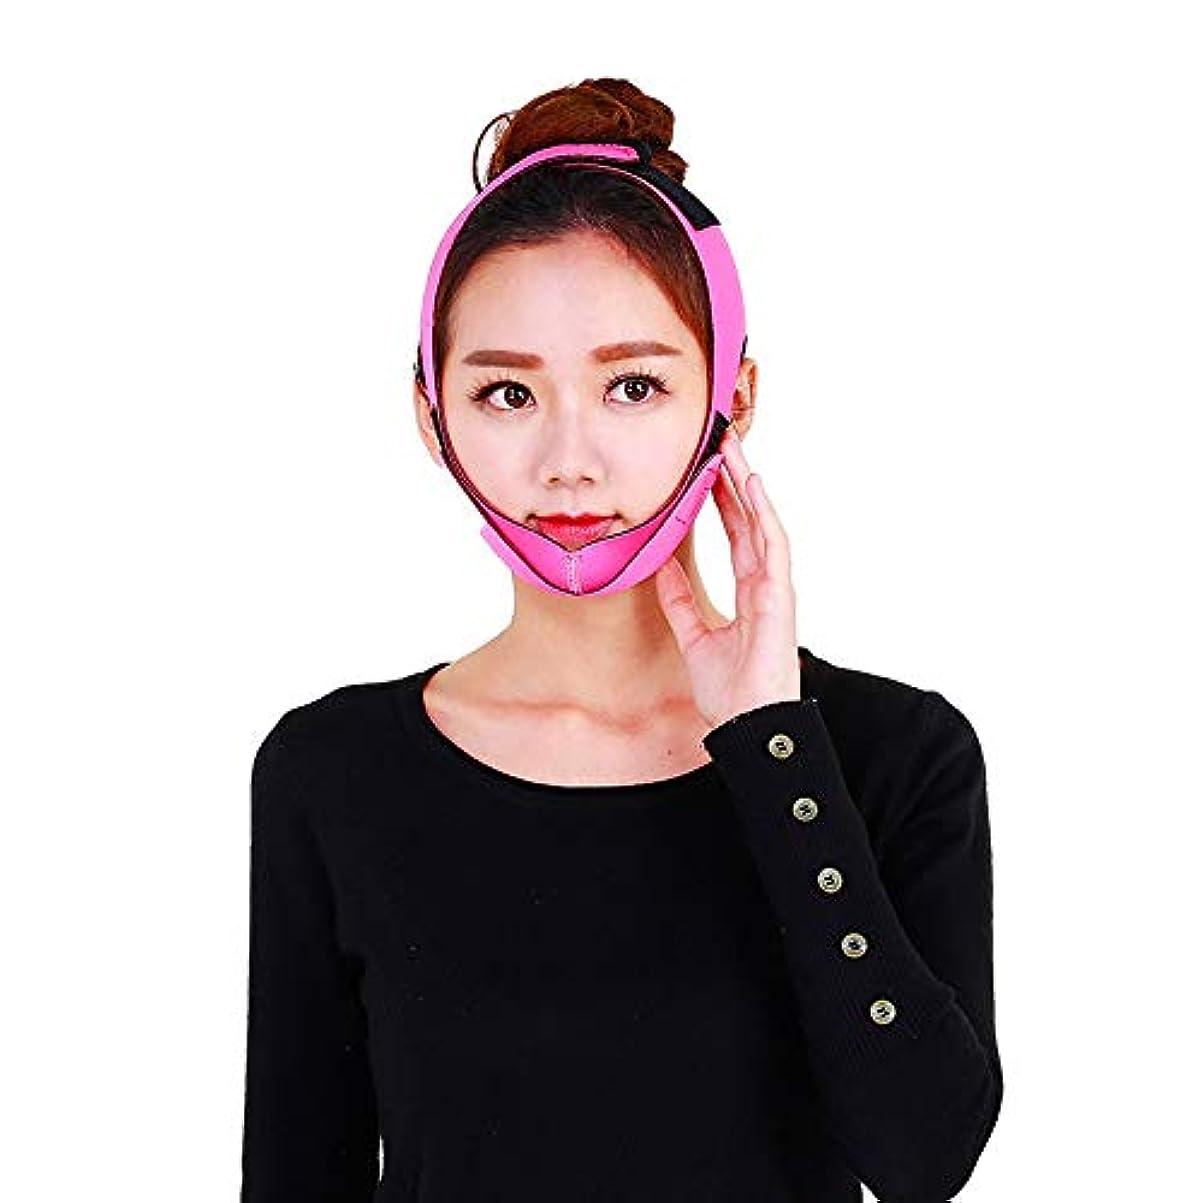 強度民族主義限りJia Jia- 顔の持ち上がる痩身ベルト - 薄い顔包帯二重あごのデバイス無料の顔のマッサージ整形マスクが顔と首を締めます 顔面包帯